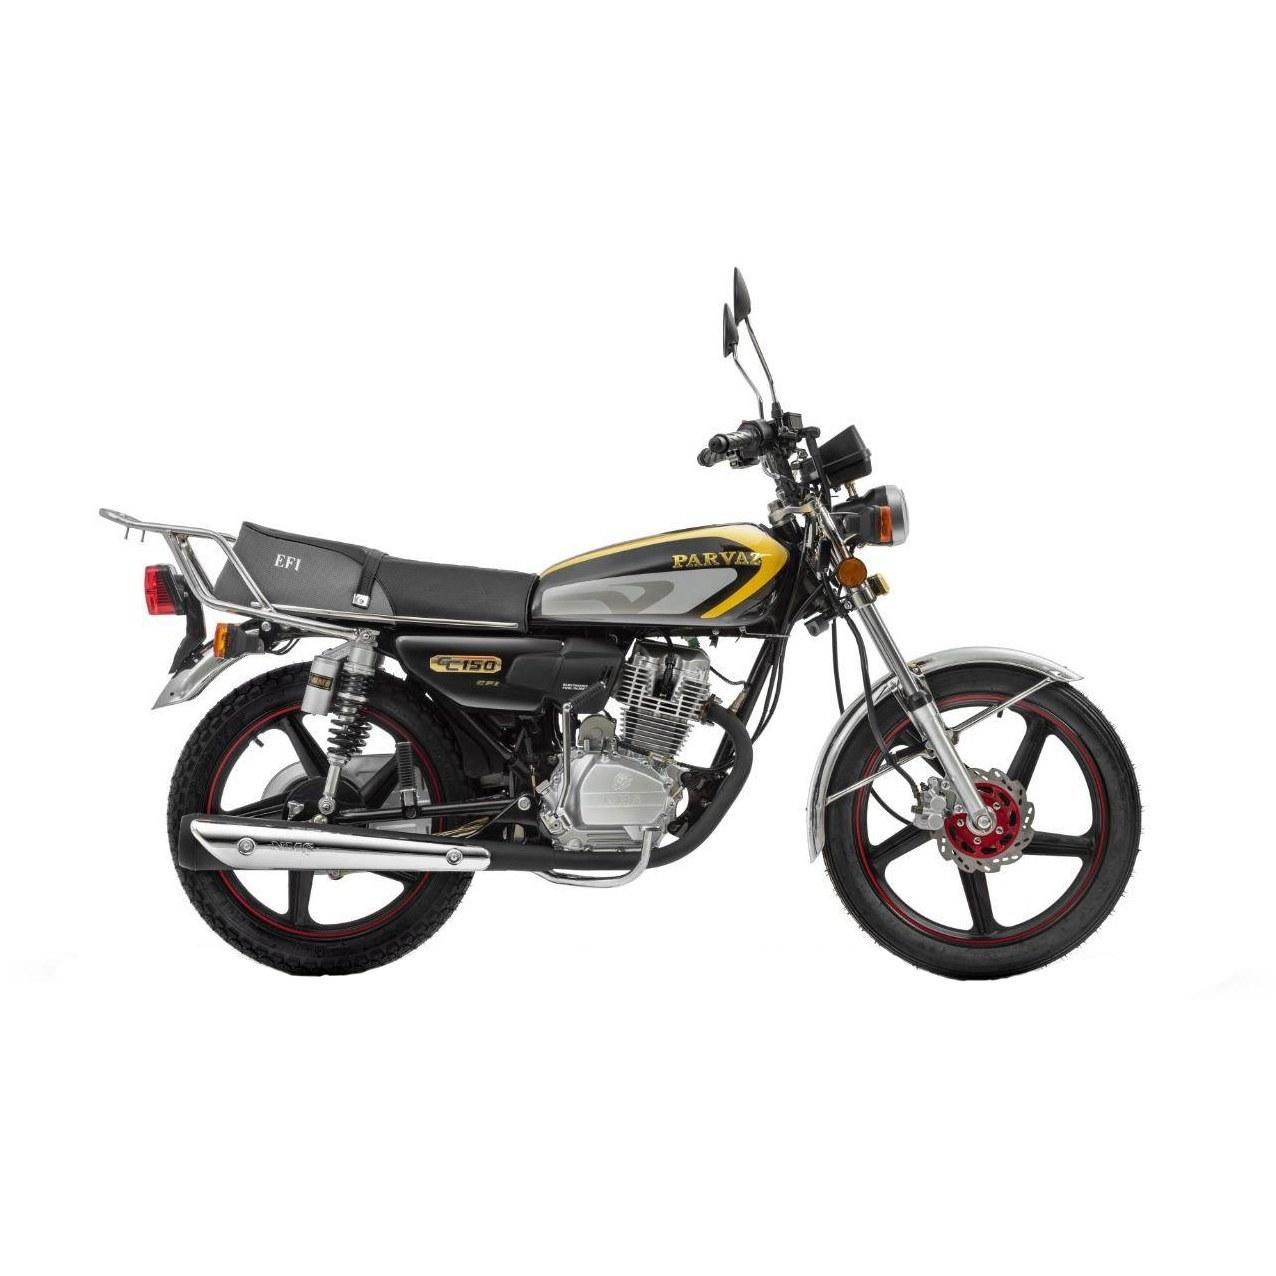 تصویر موتور سیکلت پرواز مدل CDI 150 سال 1399